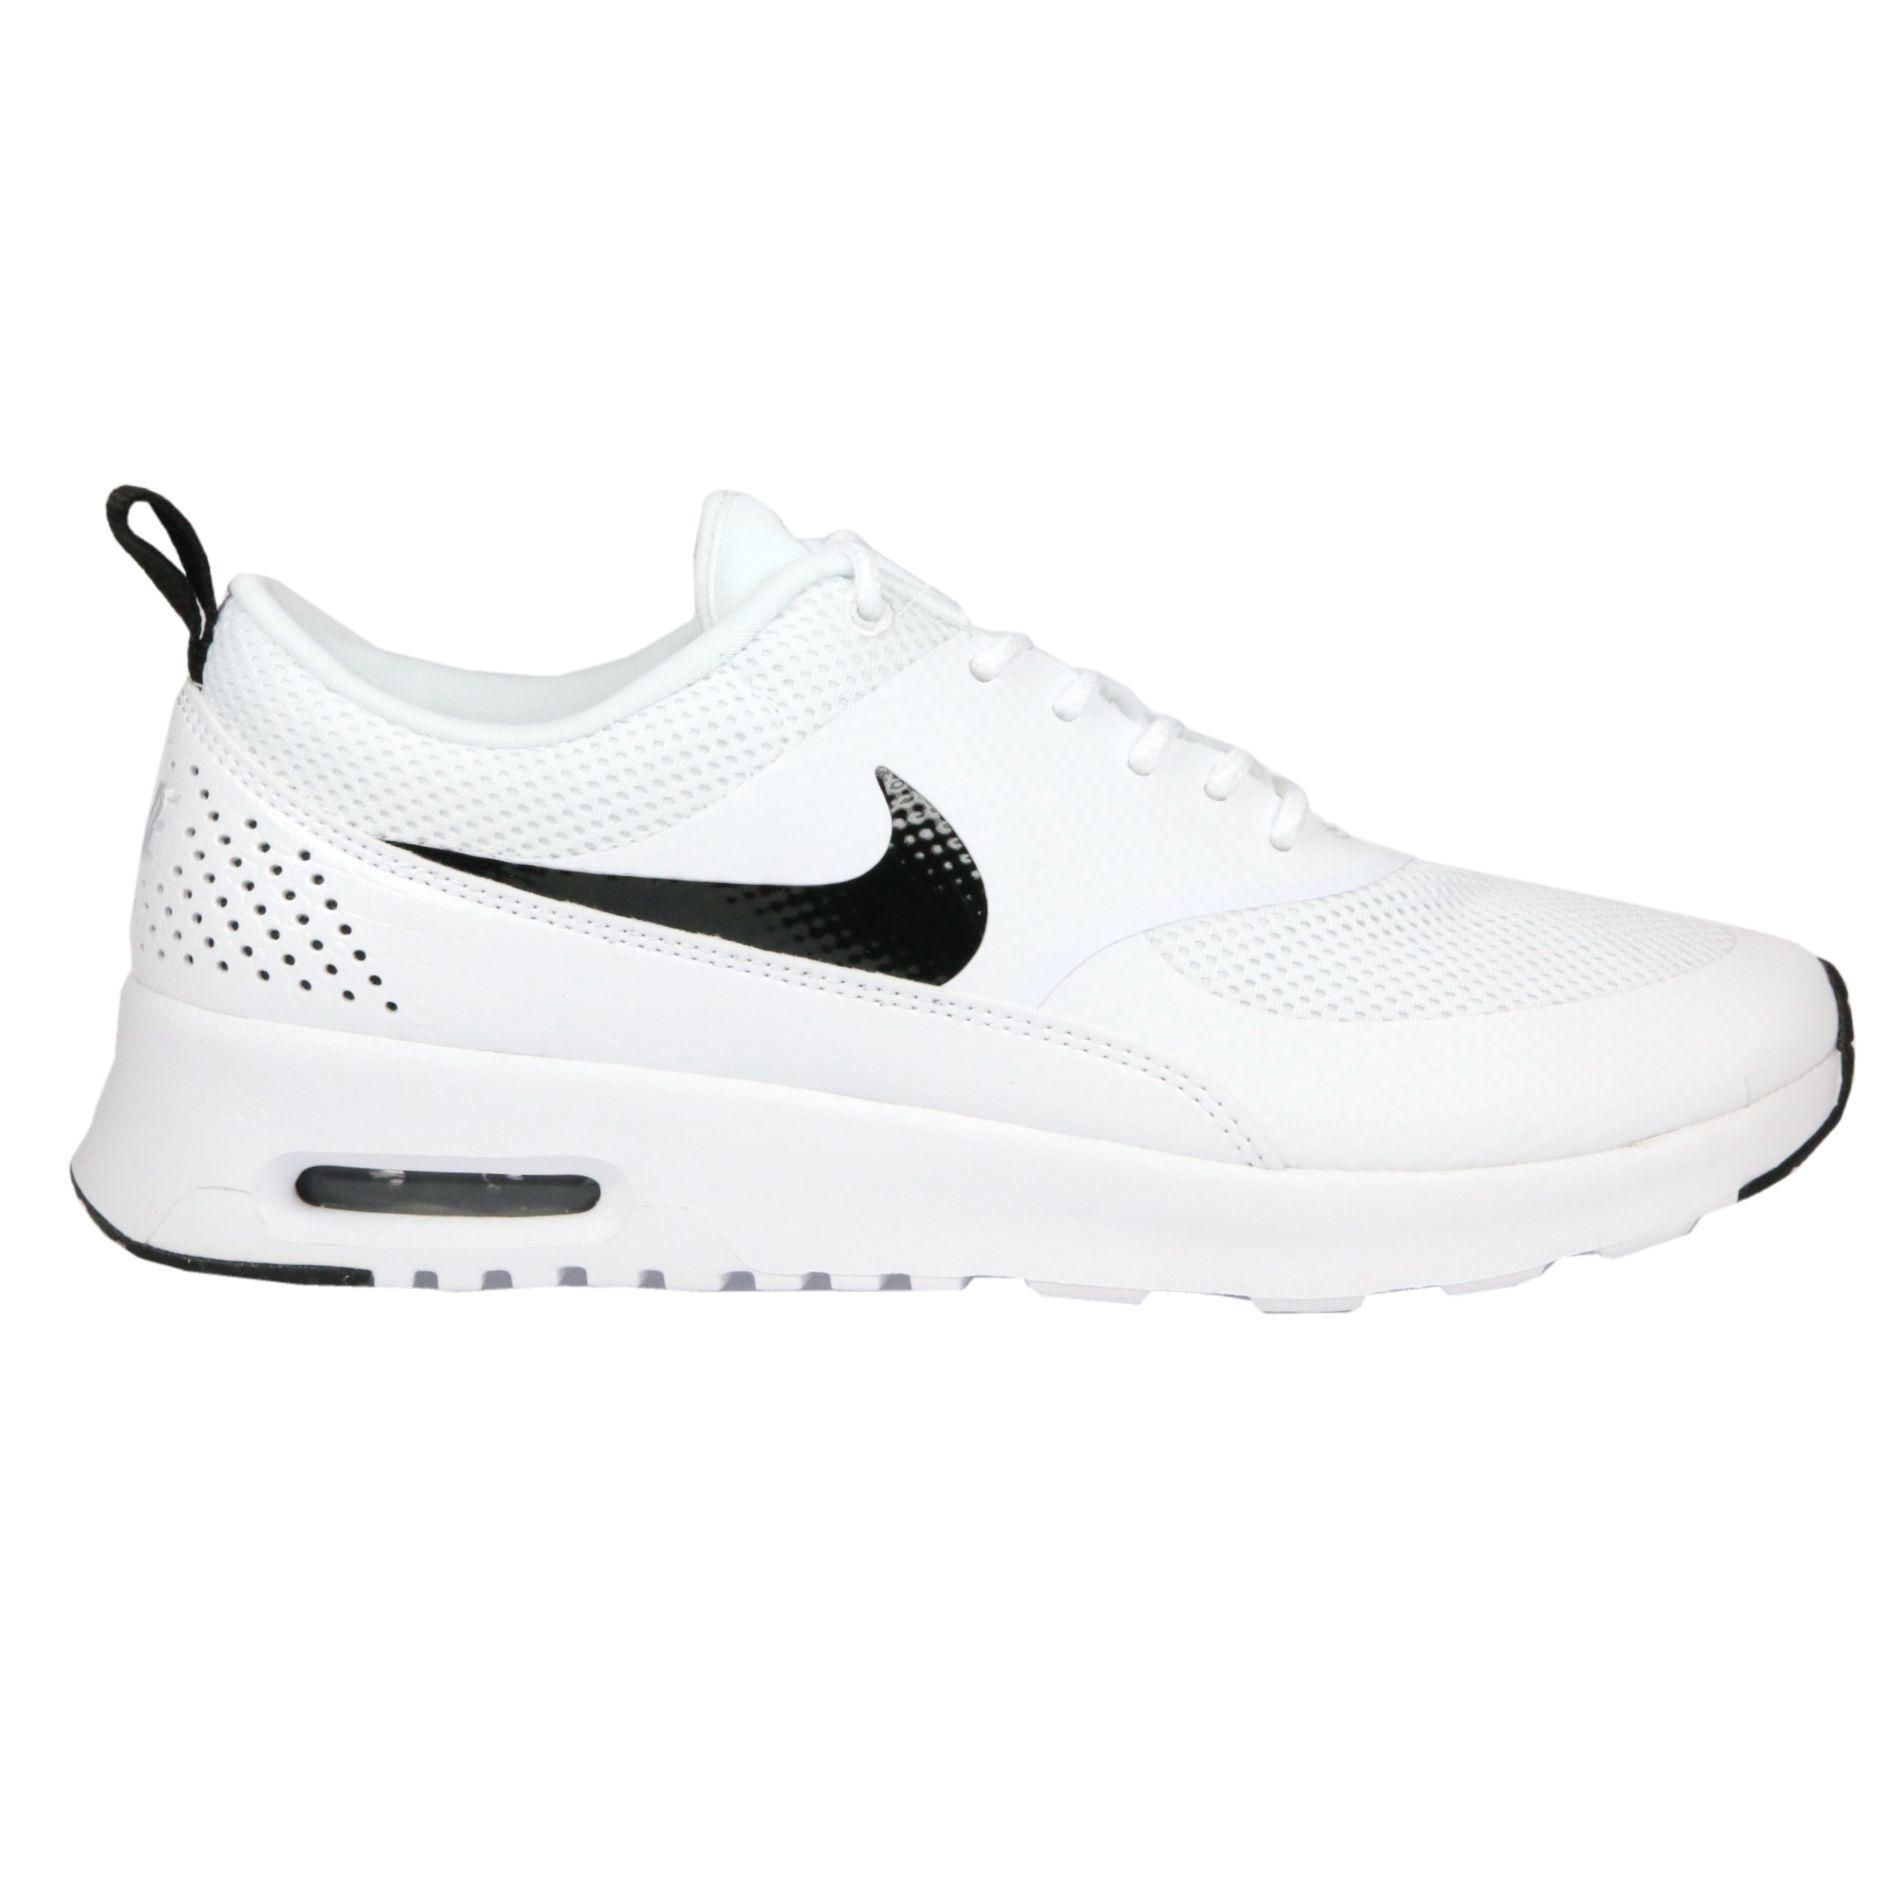 competitive price d3fa4 caba9 Nike Air Max Thea Schuhe Turnschuhe Sneaker Damen Weiß 599409-103 | eBay